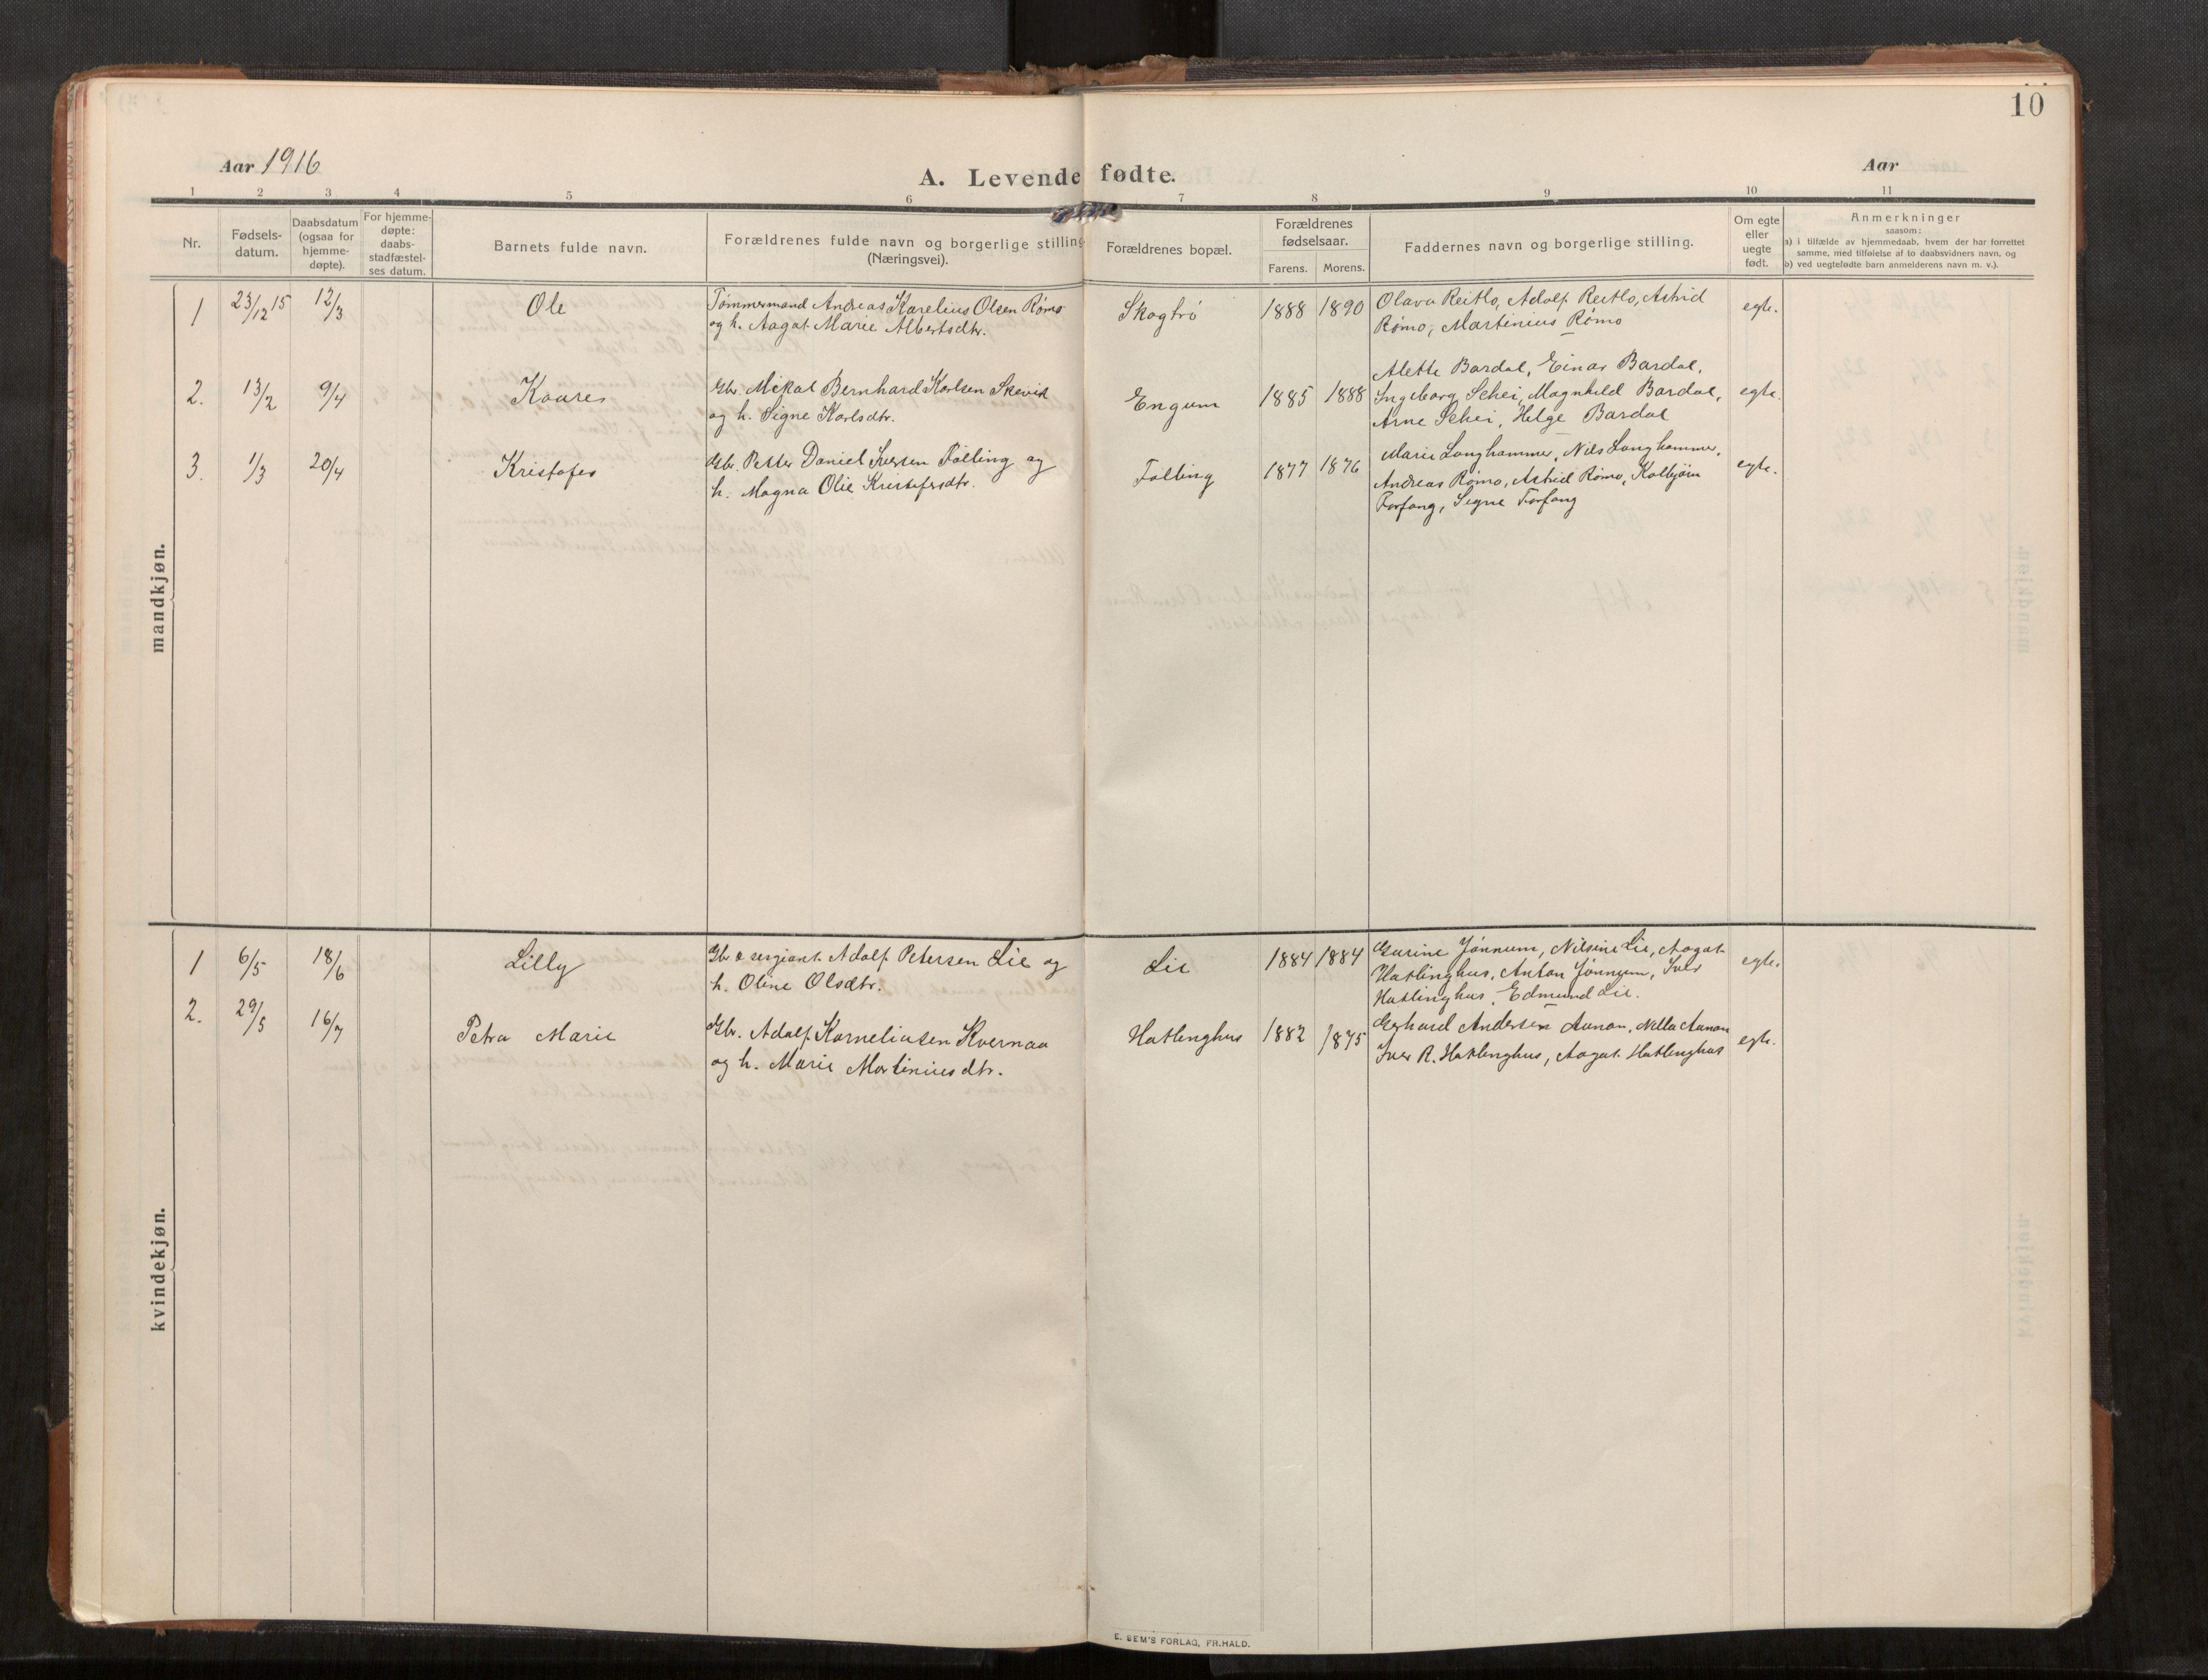 SAT, Stod sokneprestkontor, I/I1/I1a/L0003: Parish register (official) no. 3, 1909-1934, p. 10